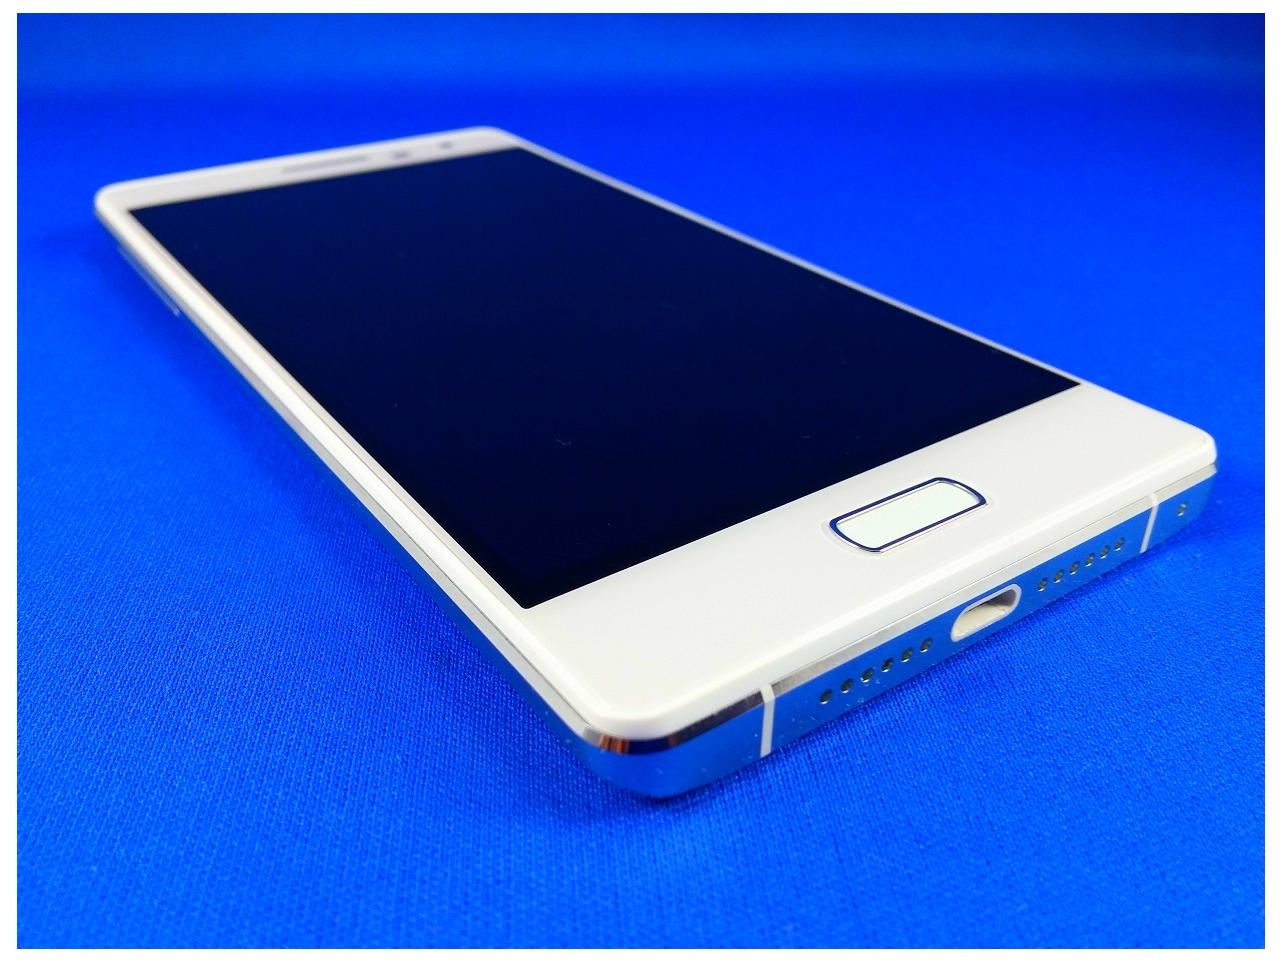 20151202_135530 Review Bluboo Xtouch, 3GB RAM si camera foto de exceptie la 670 lei